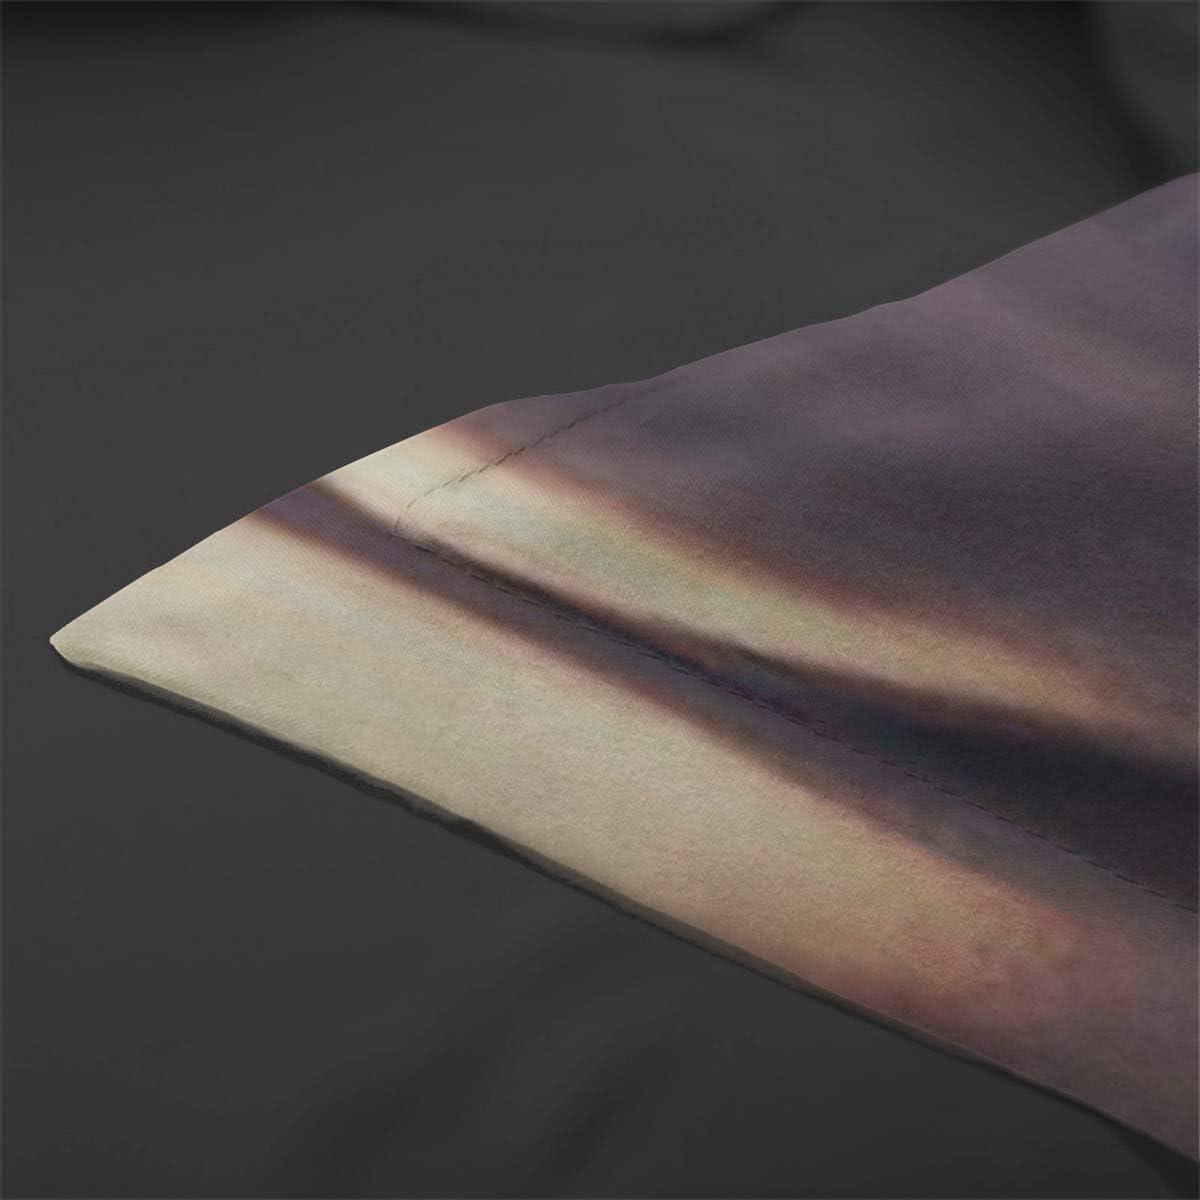 200 cm Set copripiumino teschio doppio copripiumino rosa stampato in 3D viola con chiusura a cerniera 3 pezzi set super biancheria da letto in microfibra con 2 federe set copripiumino doppio 200